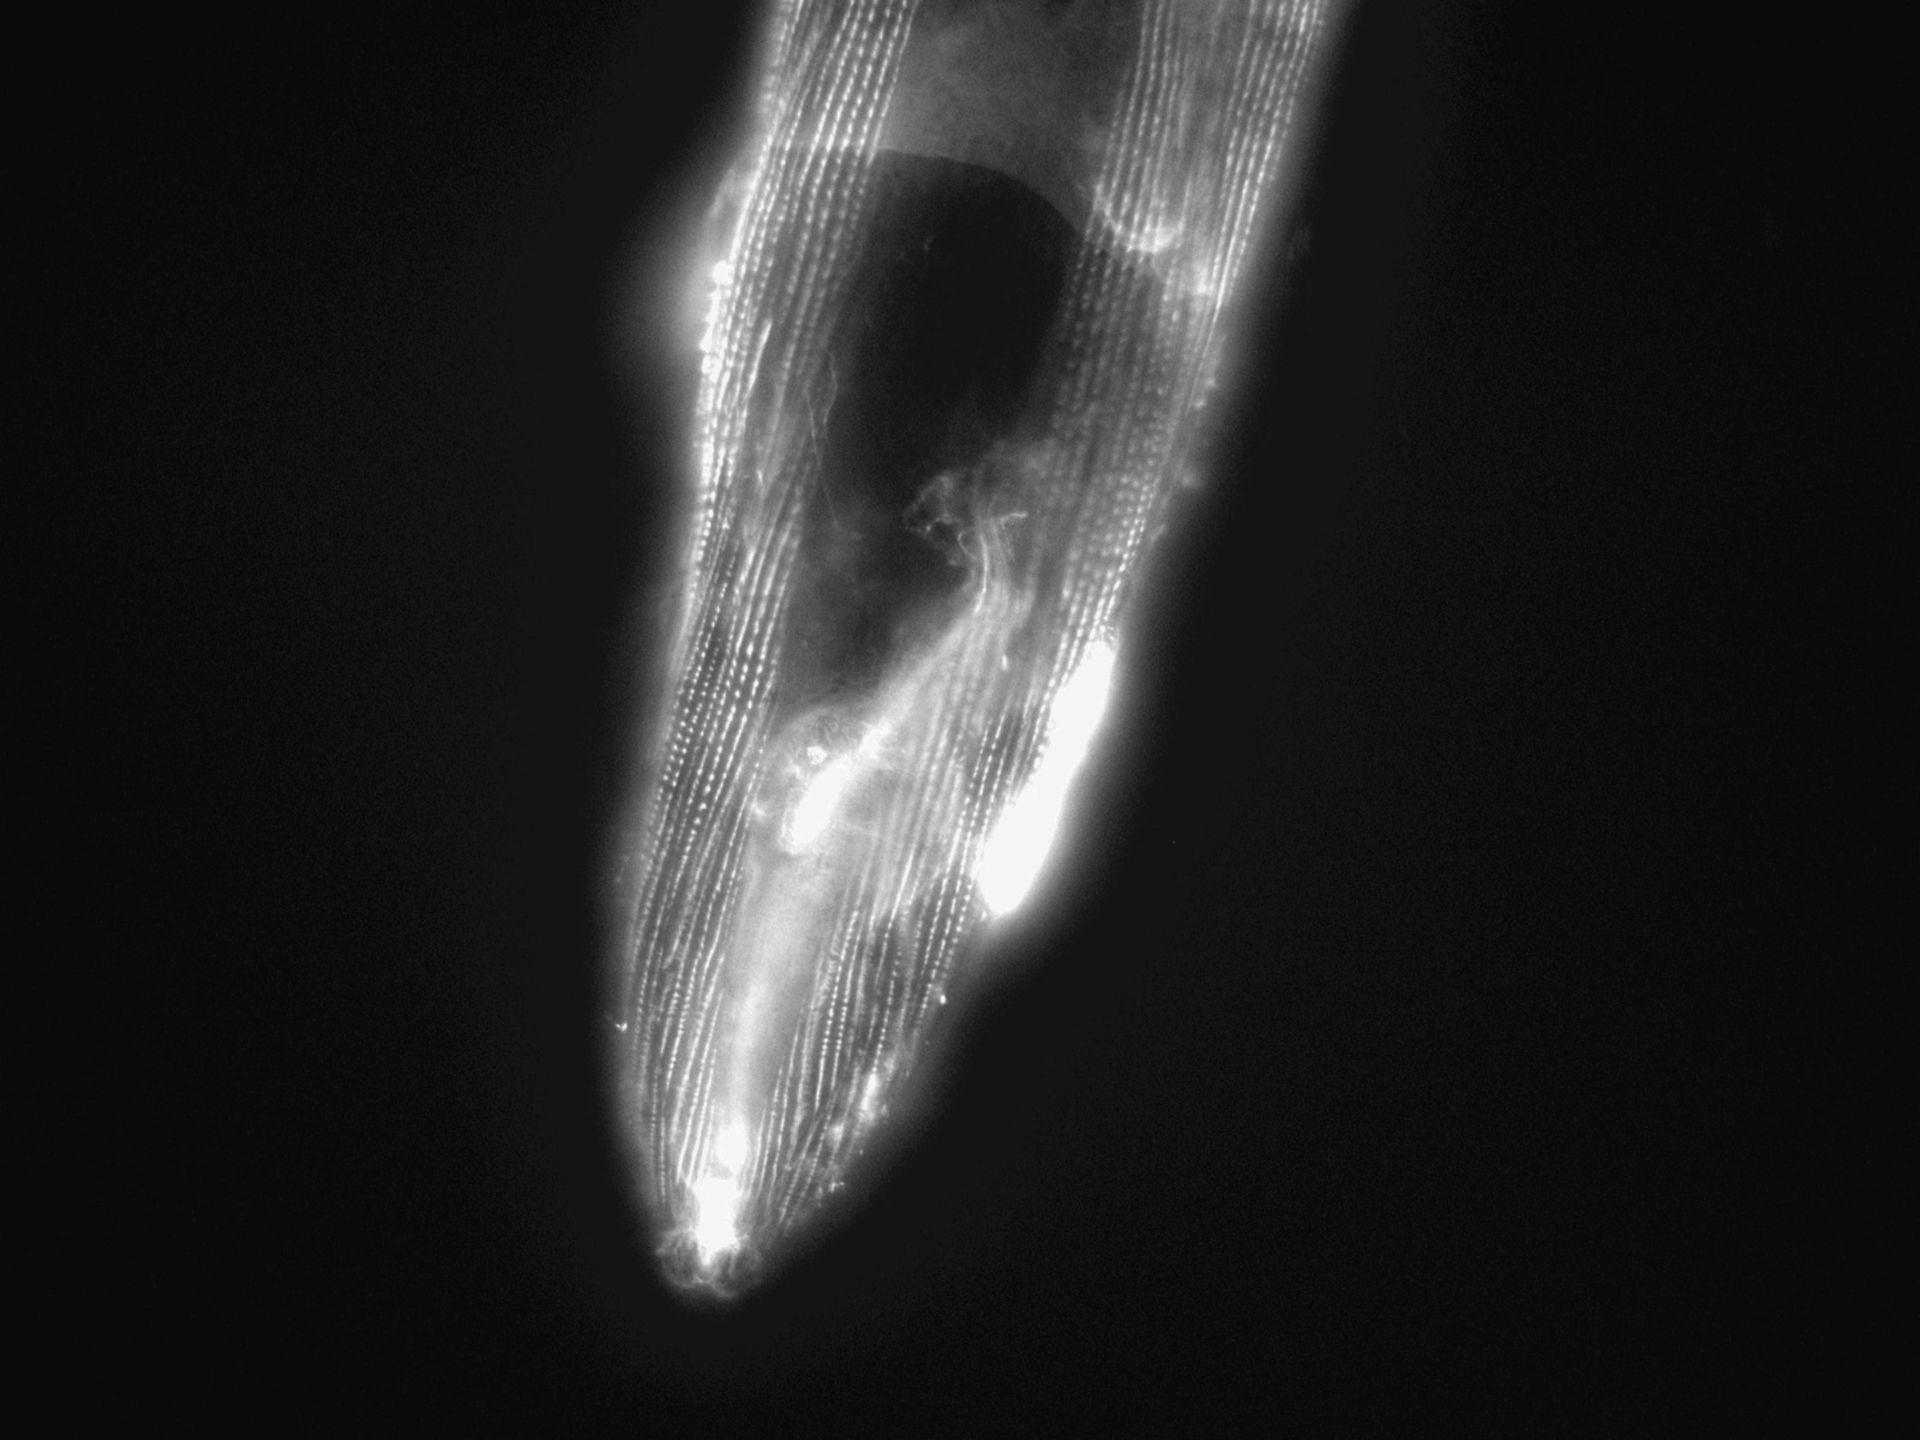 Caenorhabditis elegans (Actin filament) - CIL:1186